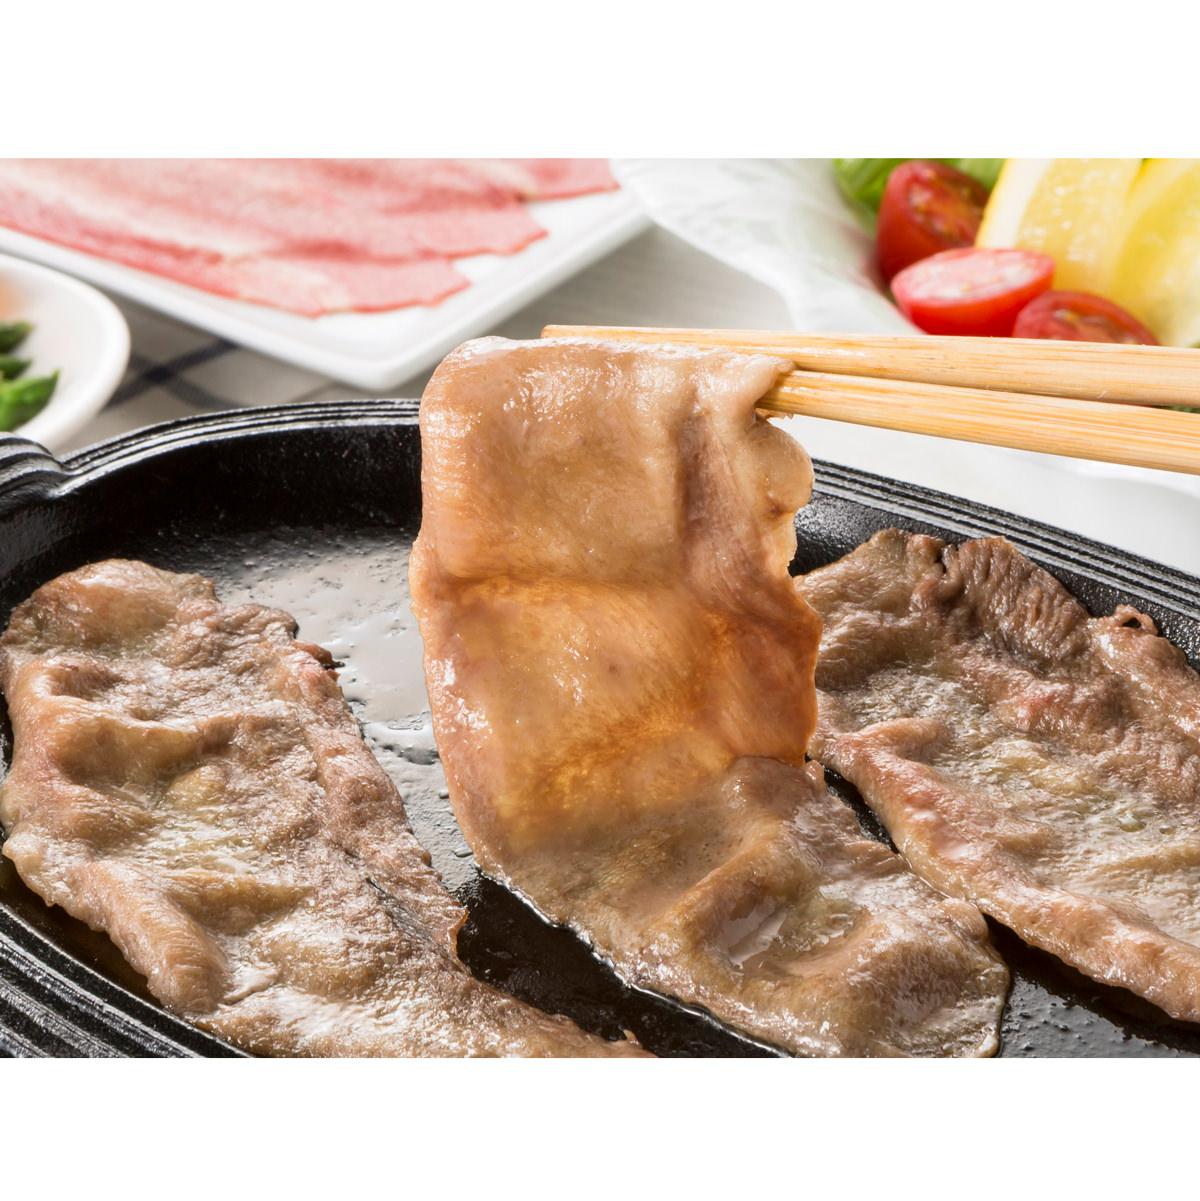 牛タンしゃぶしゃぶセット600g 〔牛タンスライス300g×2、くめなん柚子塩ぽん酢200g×2〕 岡山県 牛肉料理